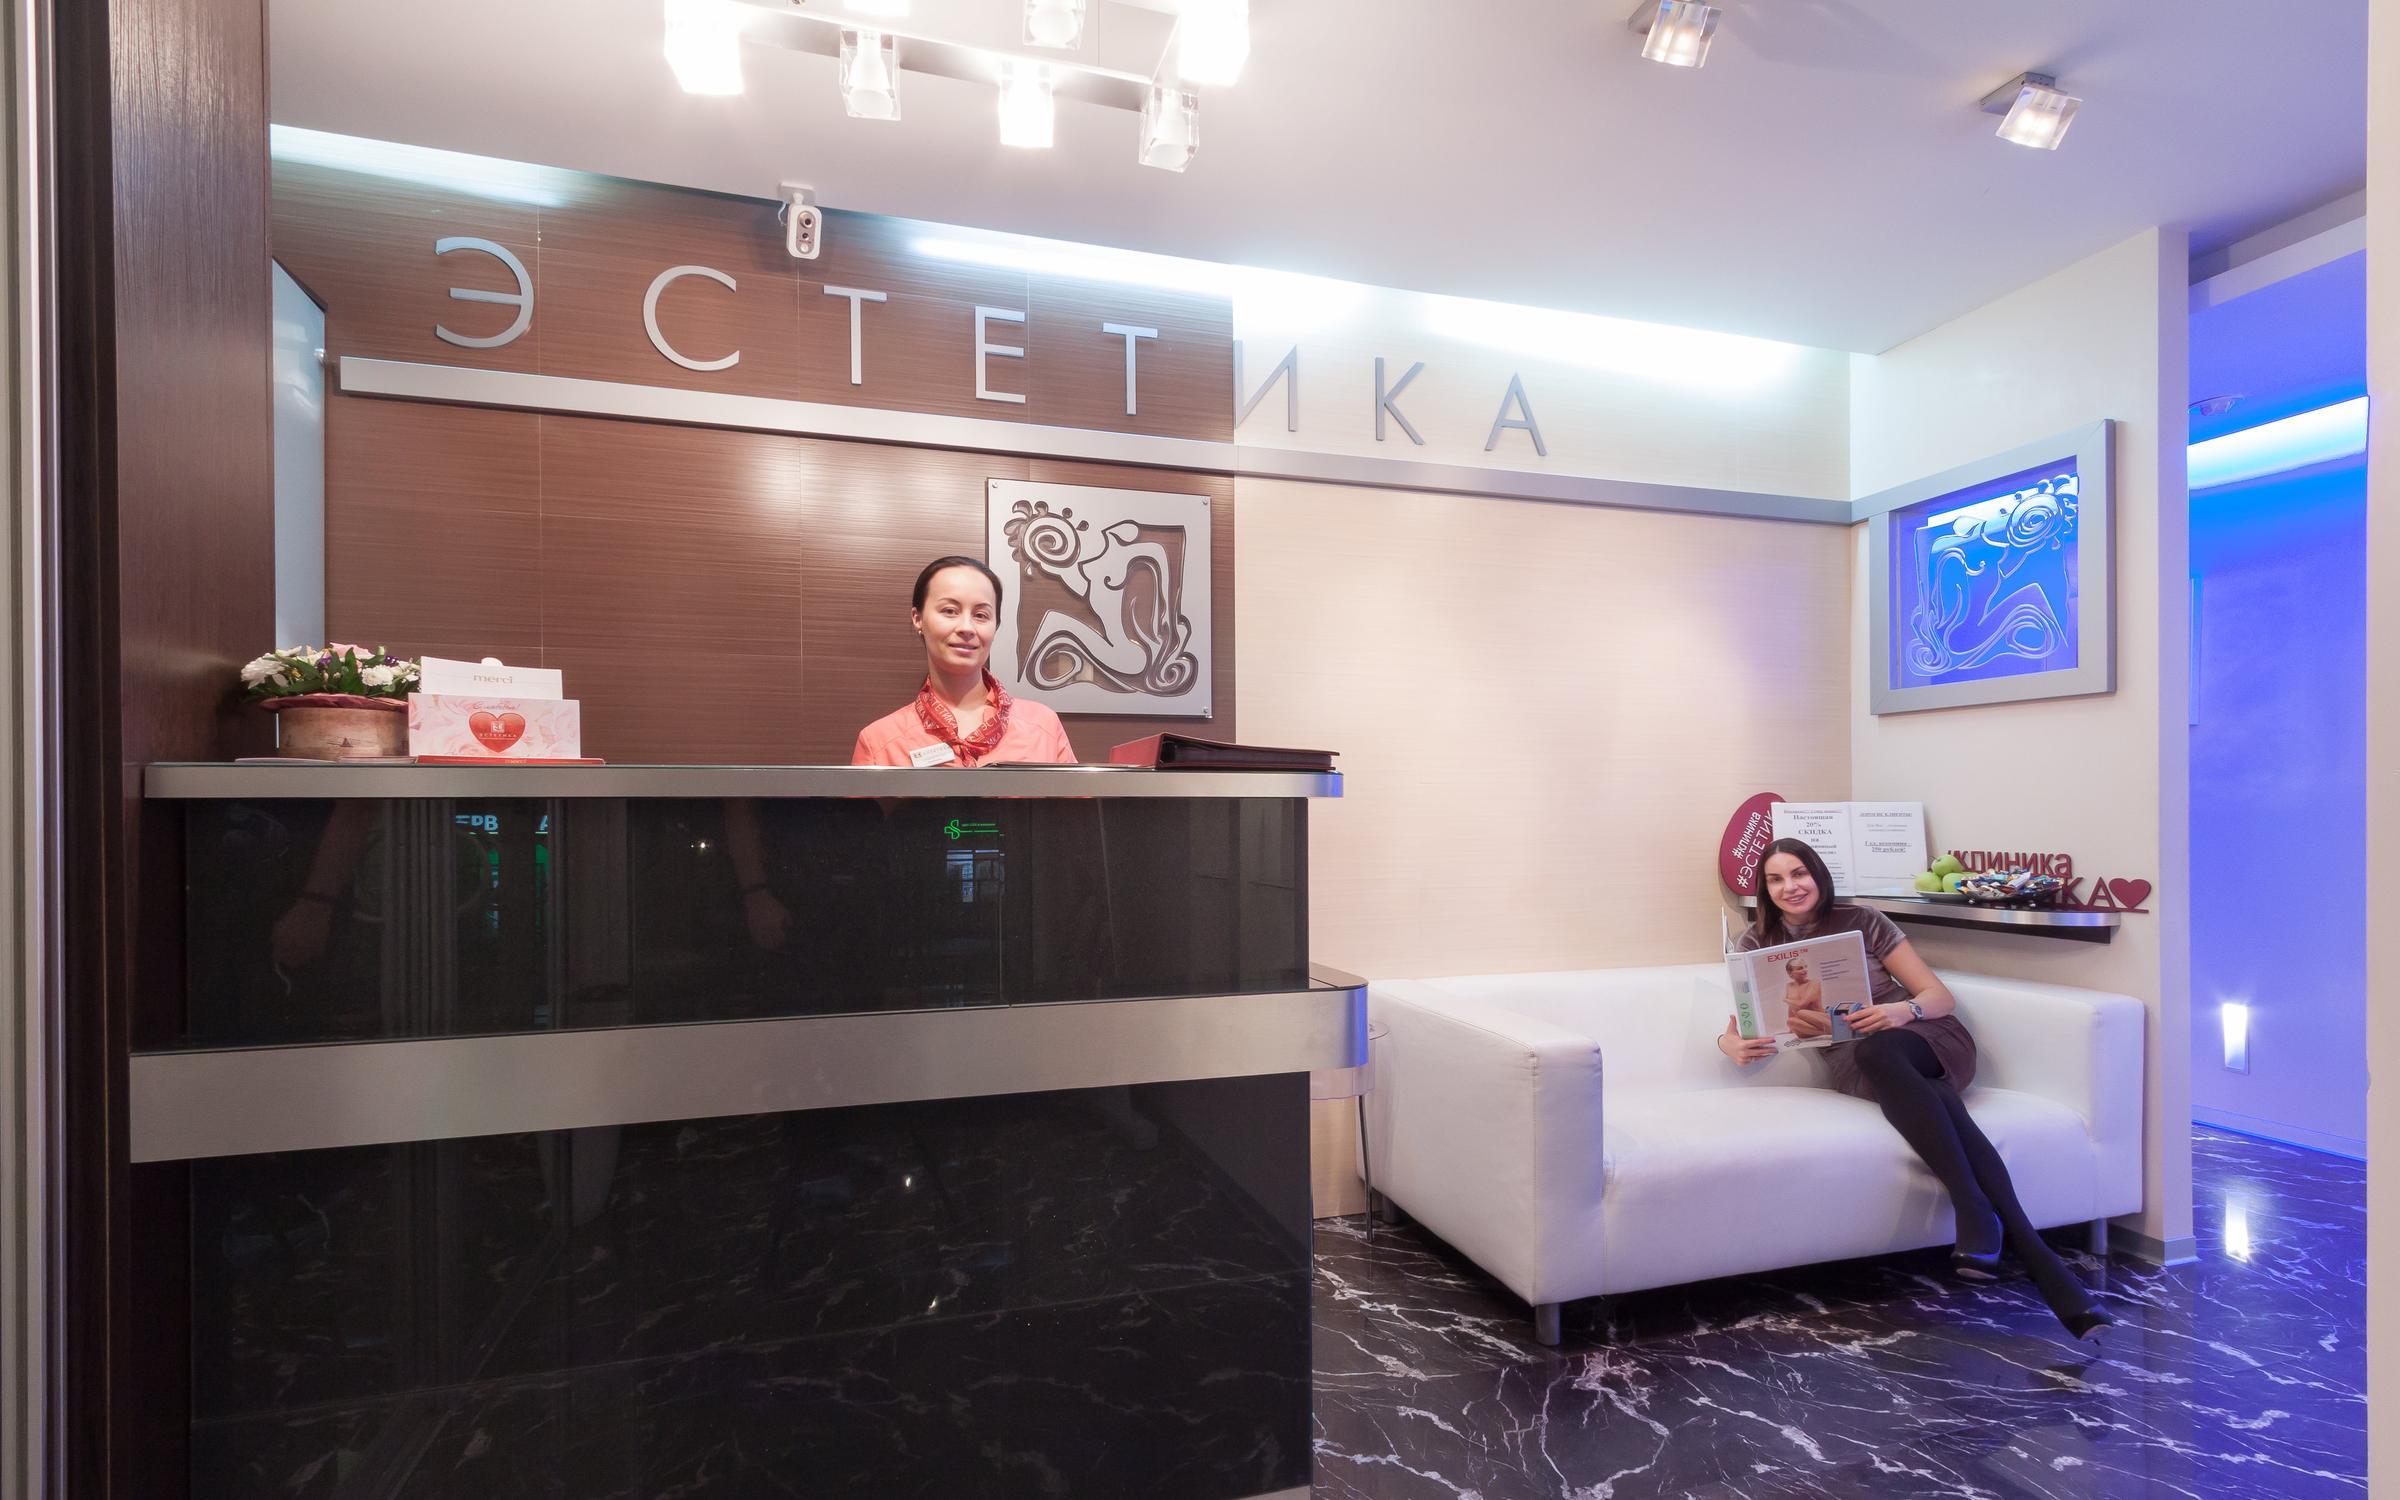 фотография Косметологической клиники Эстетика на улице Радищева